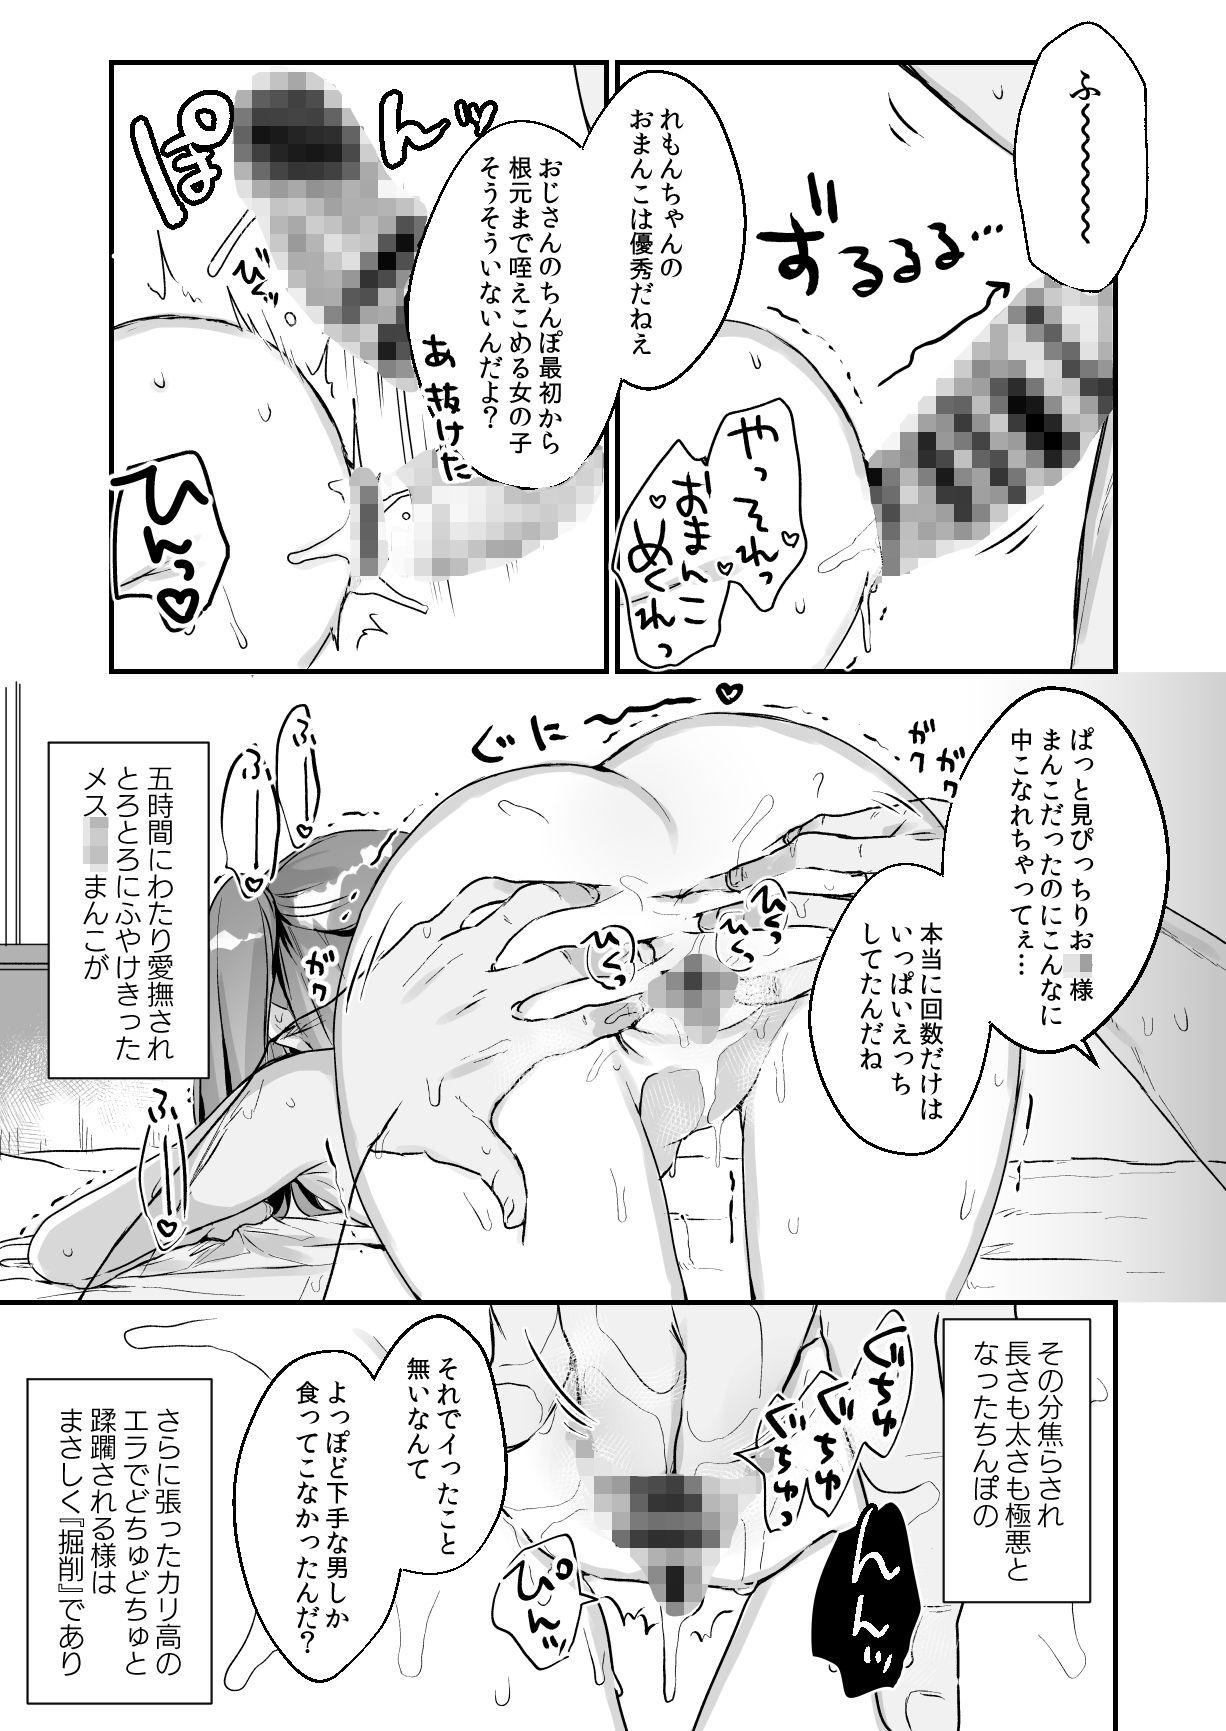 【エロ漫画無料大全集】メスガキにメスイキを教えてみた結果wwwwwww